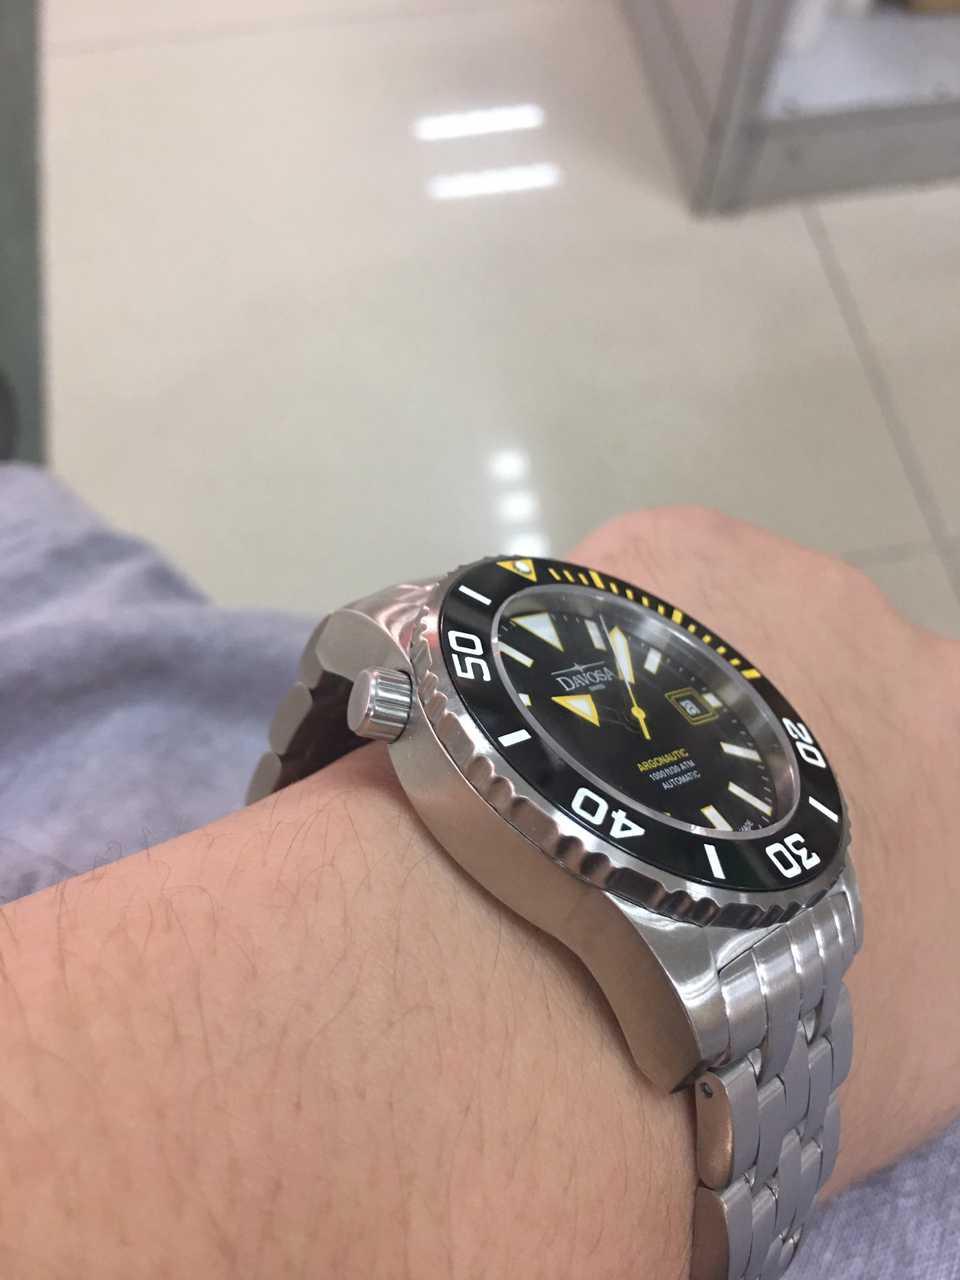 迪沃斯16149870手表【表友晒单作业】物流真的很...